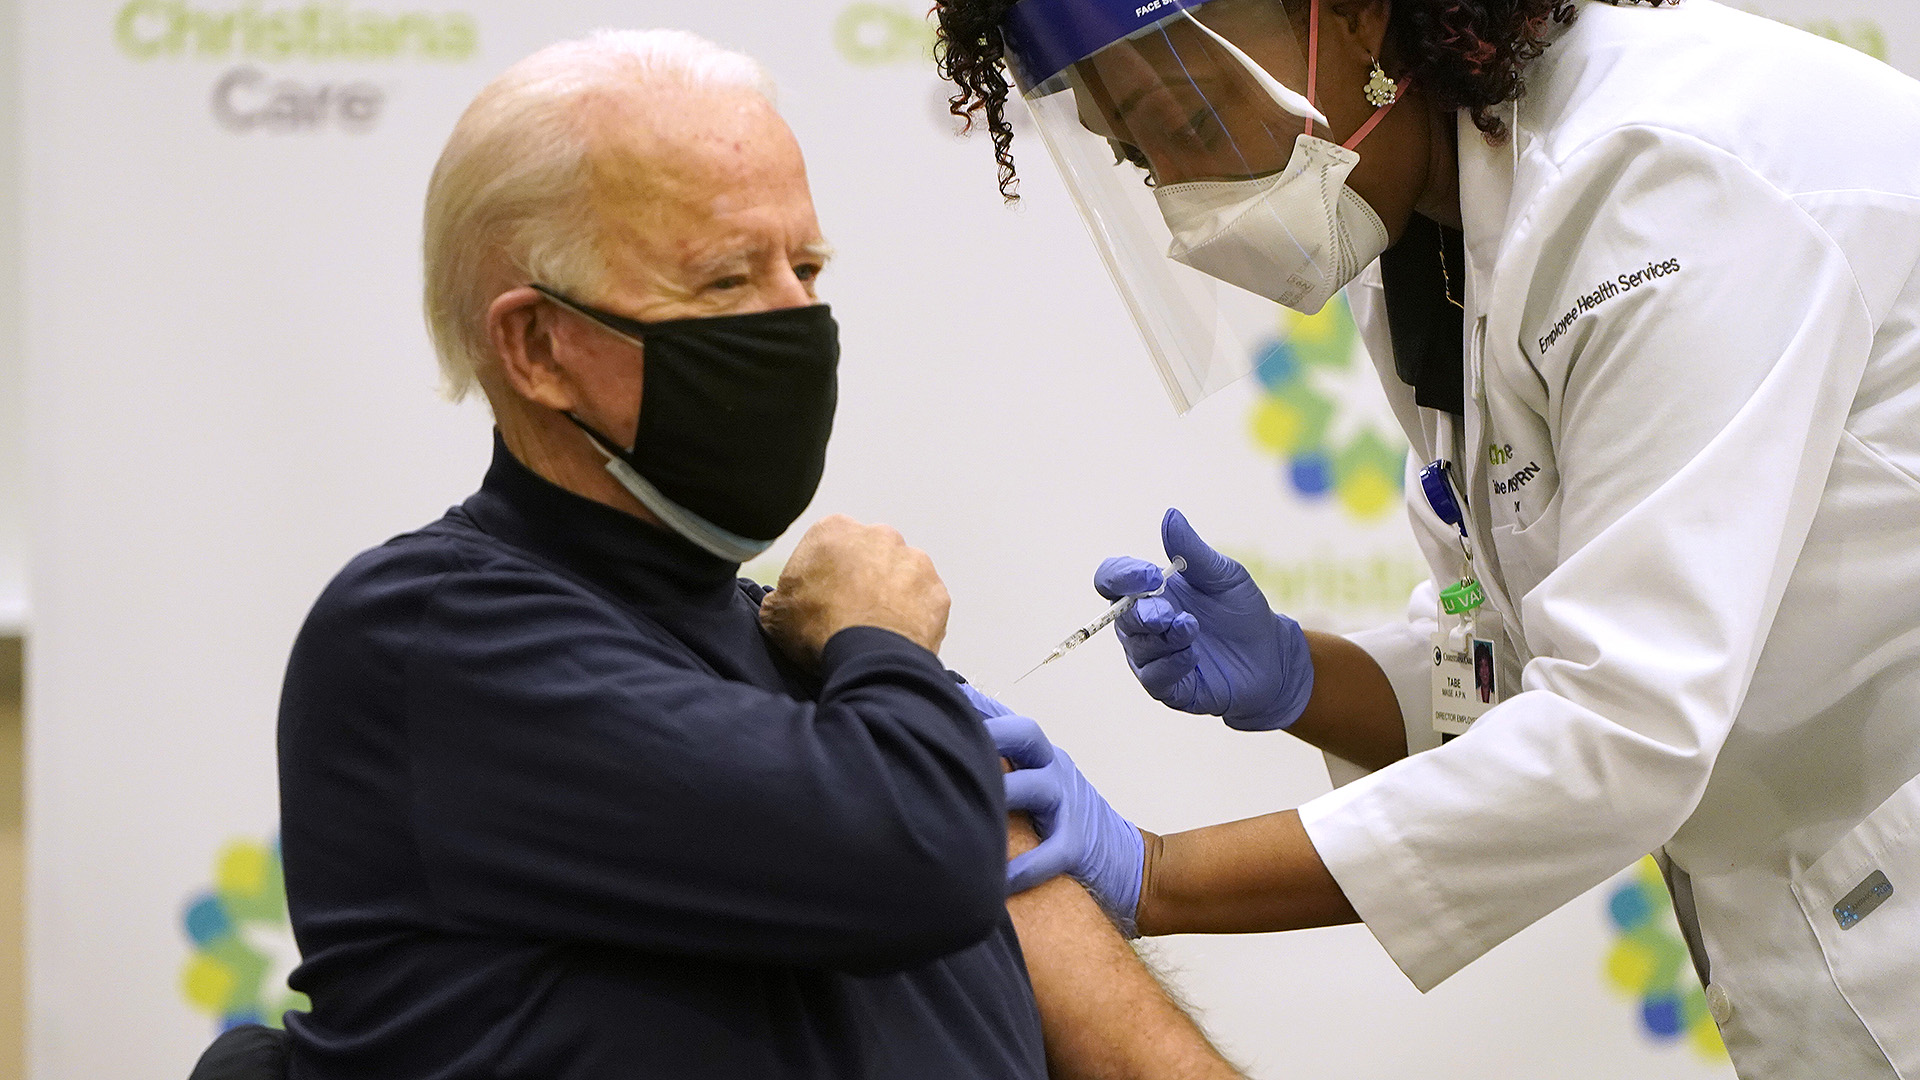 Joe Biden élő adásban kapta meg a koronavírus-vakcinát